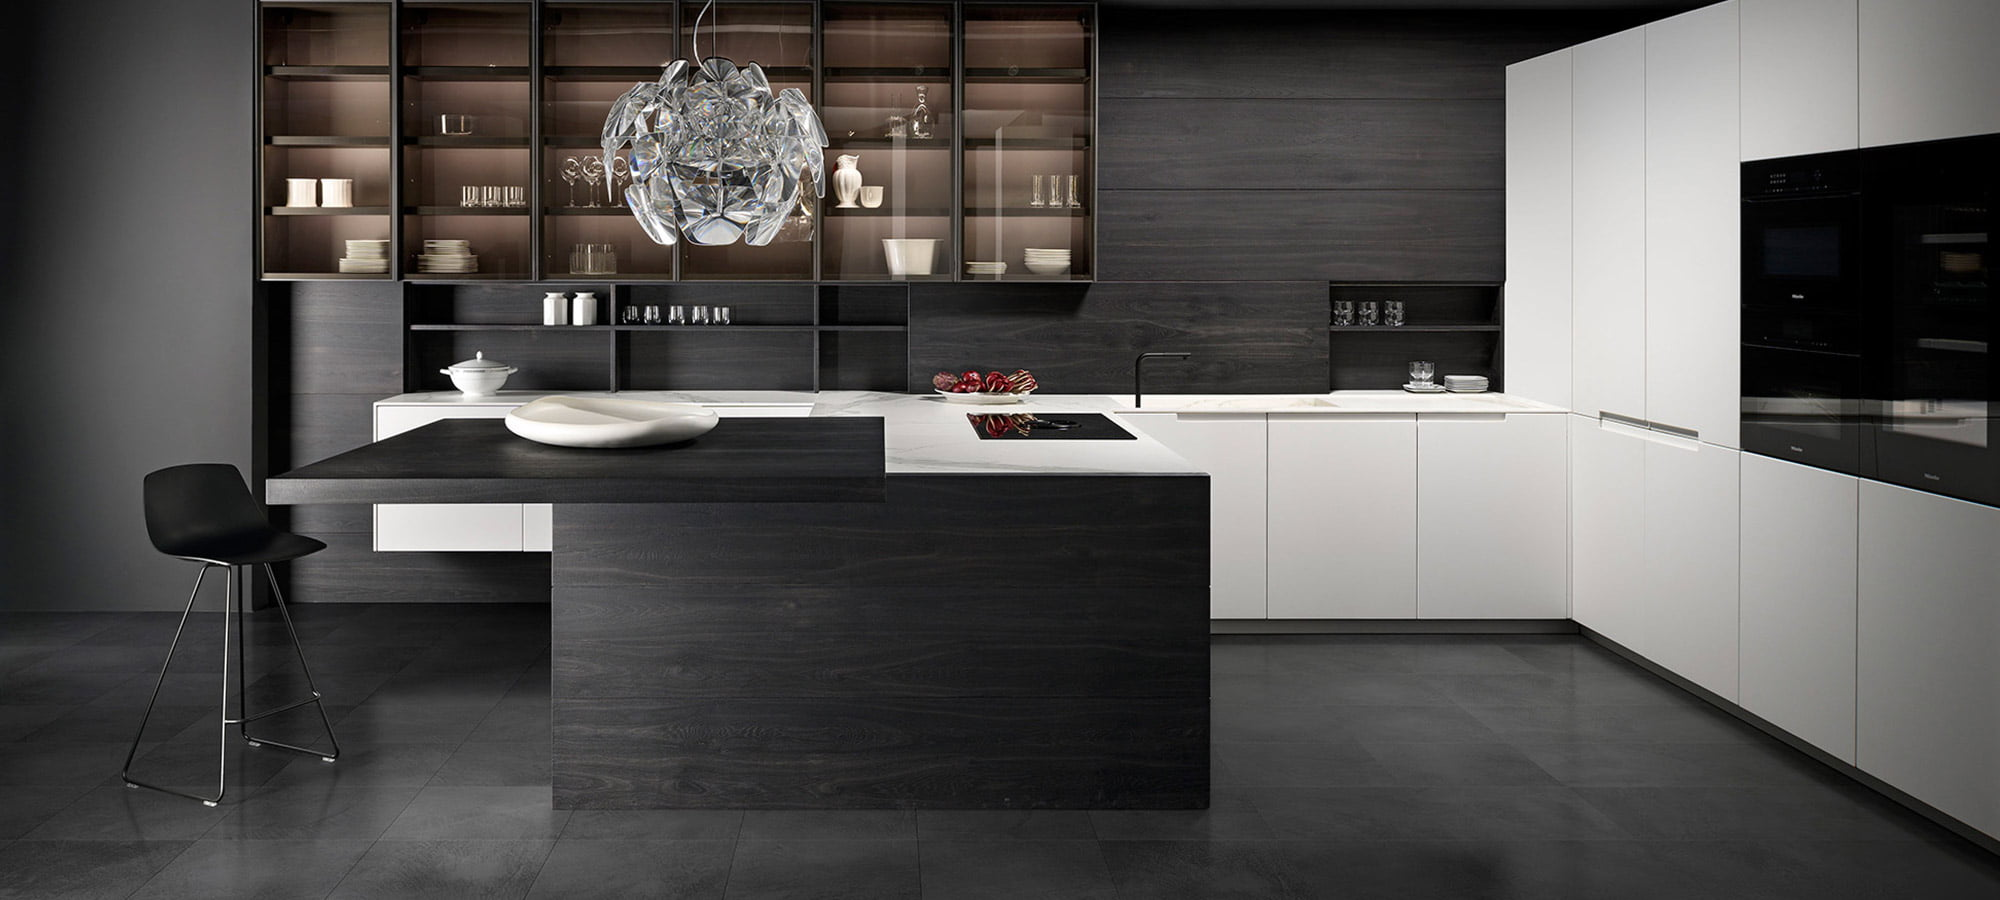 Pura-kitchen-001